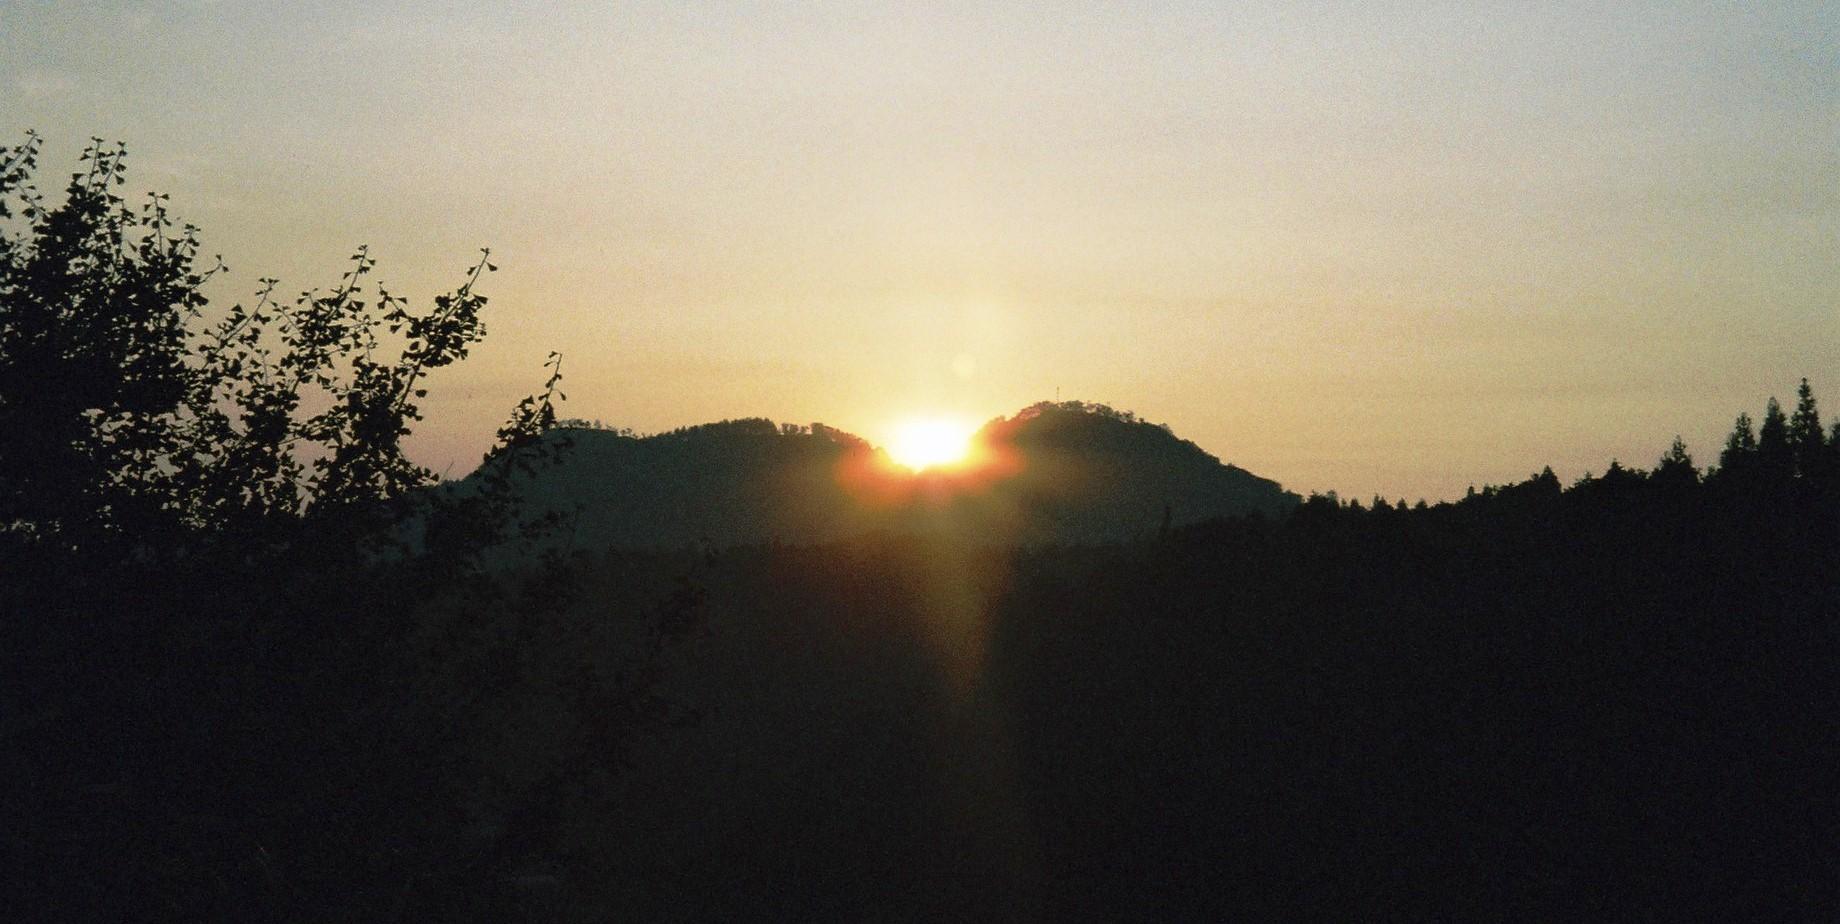 聖なるお山・・「白鹿山」から昇る朝陽_a0174458_14481783.jpg